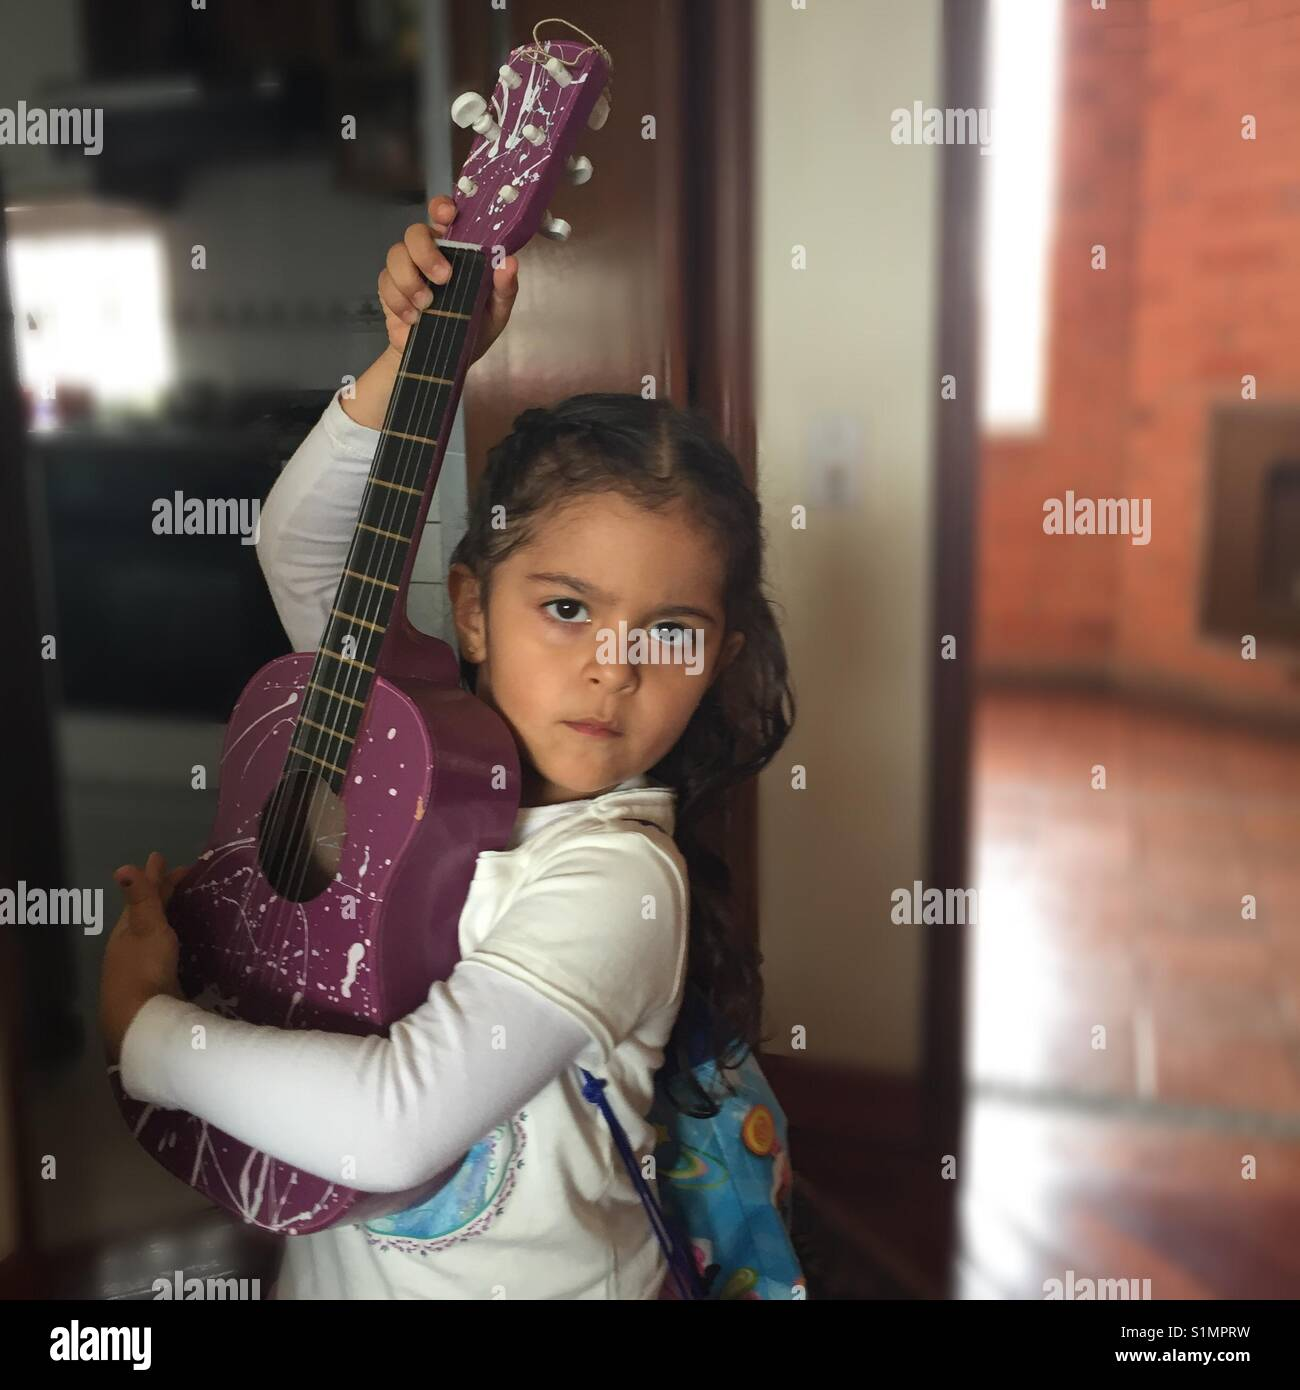 Niña, rockera, ternura, guitarra, pasión, artista, arte, preciosa, inocencia, vocación. Immagini Stock